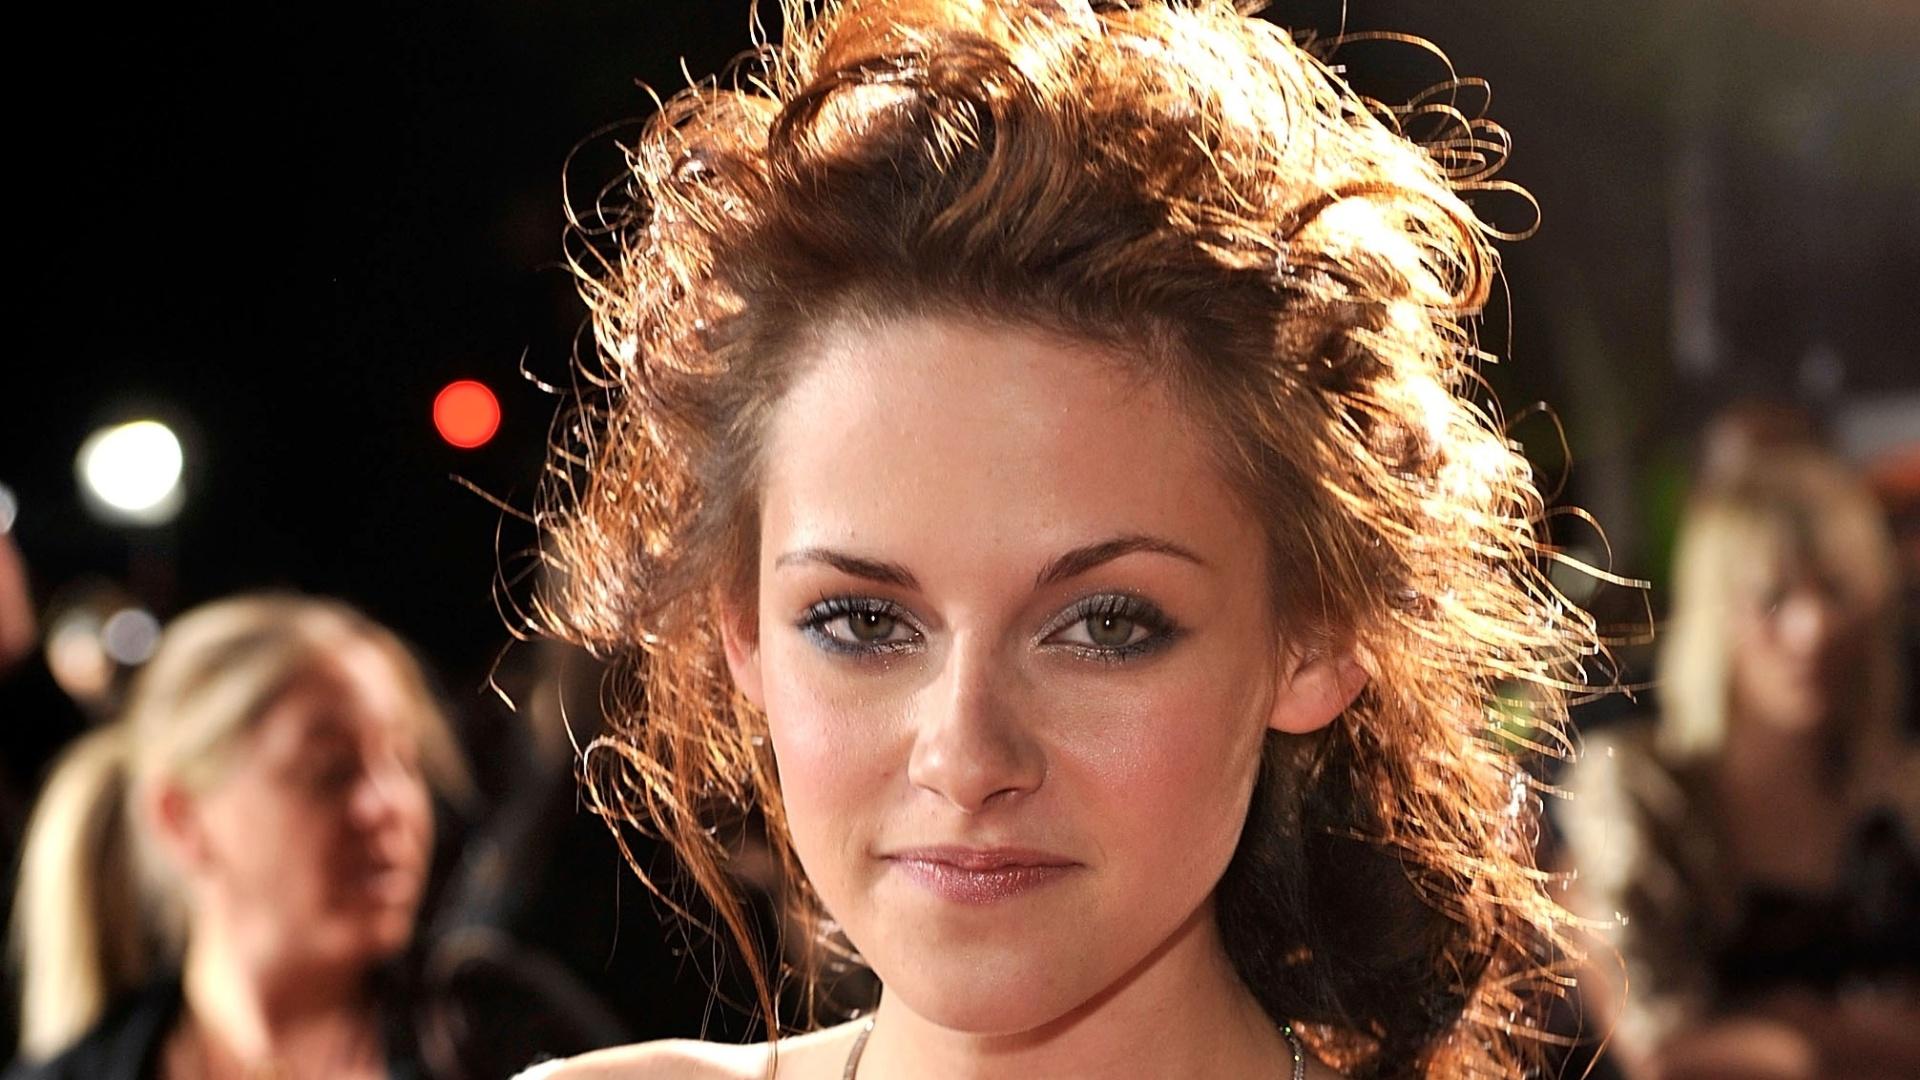 17.nov.2008 - A atriz Kristen Stewart (Bella) na premiere de